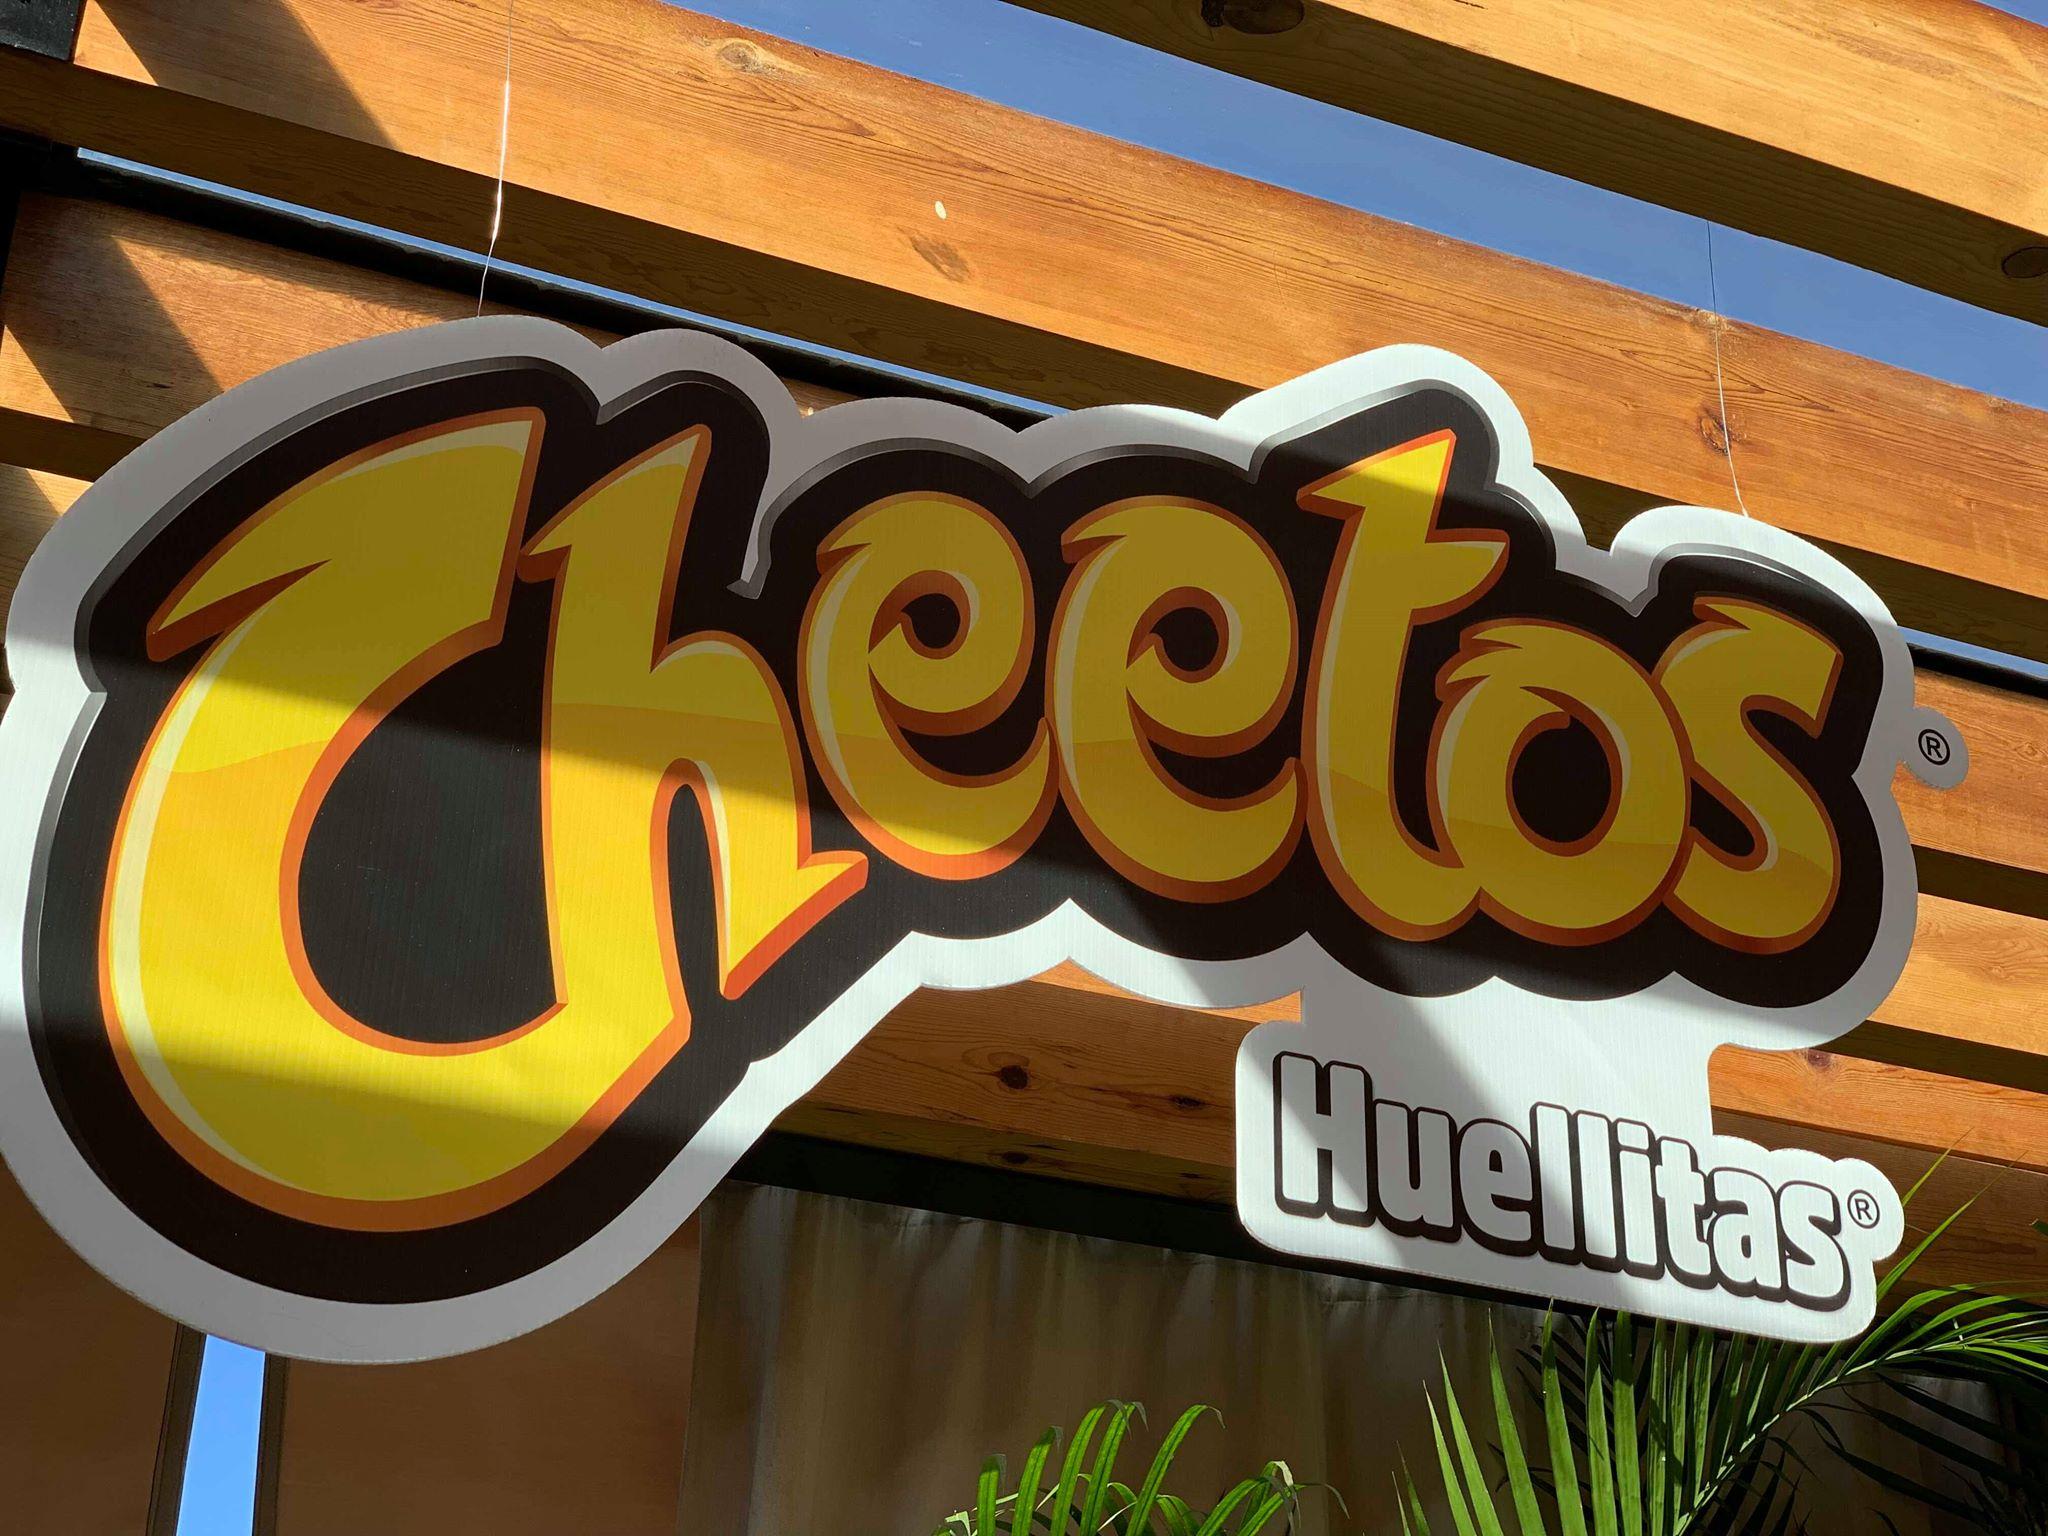 Cheetos Huellitas nos invita a sumarnos a la adopción canina